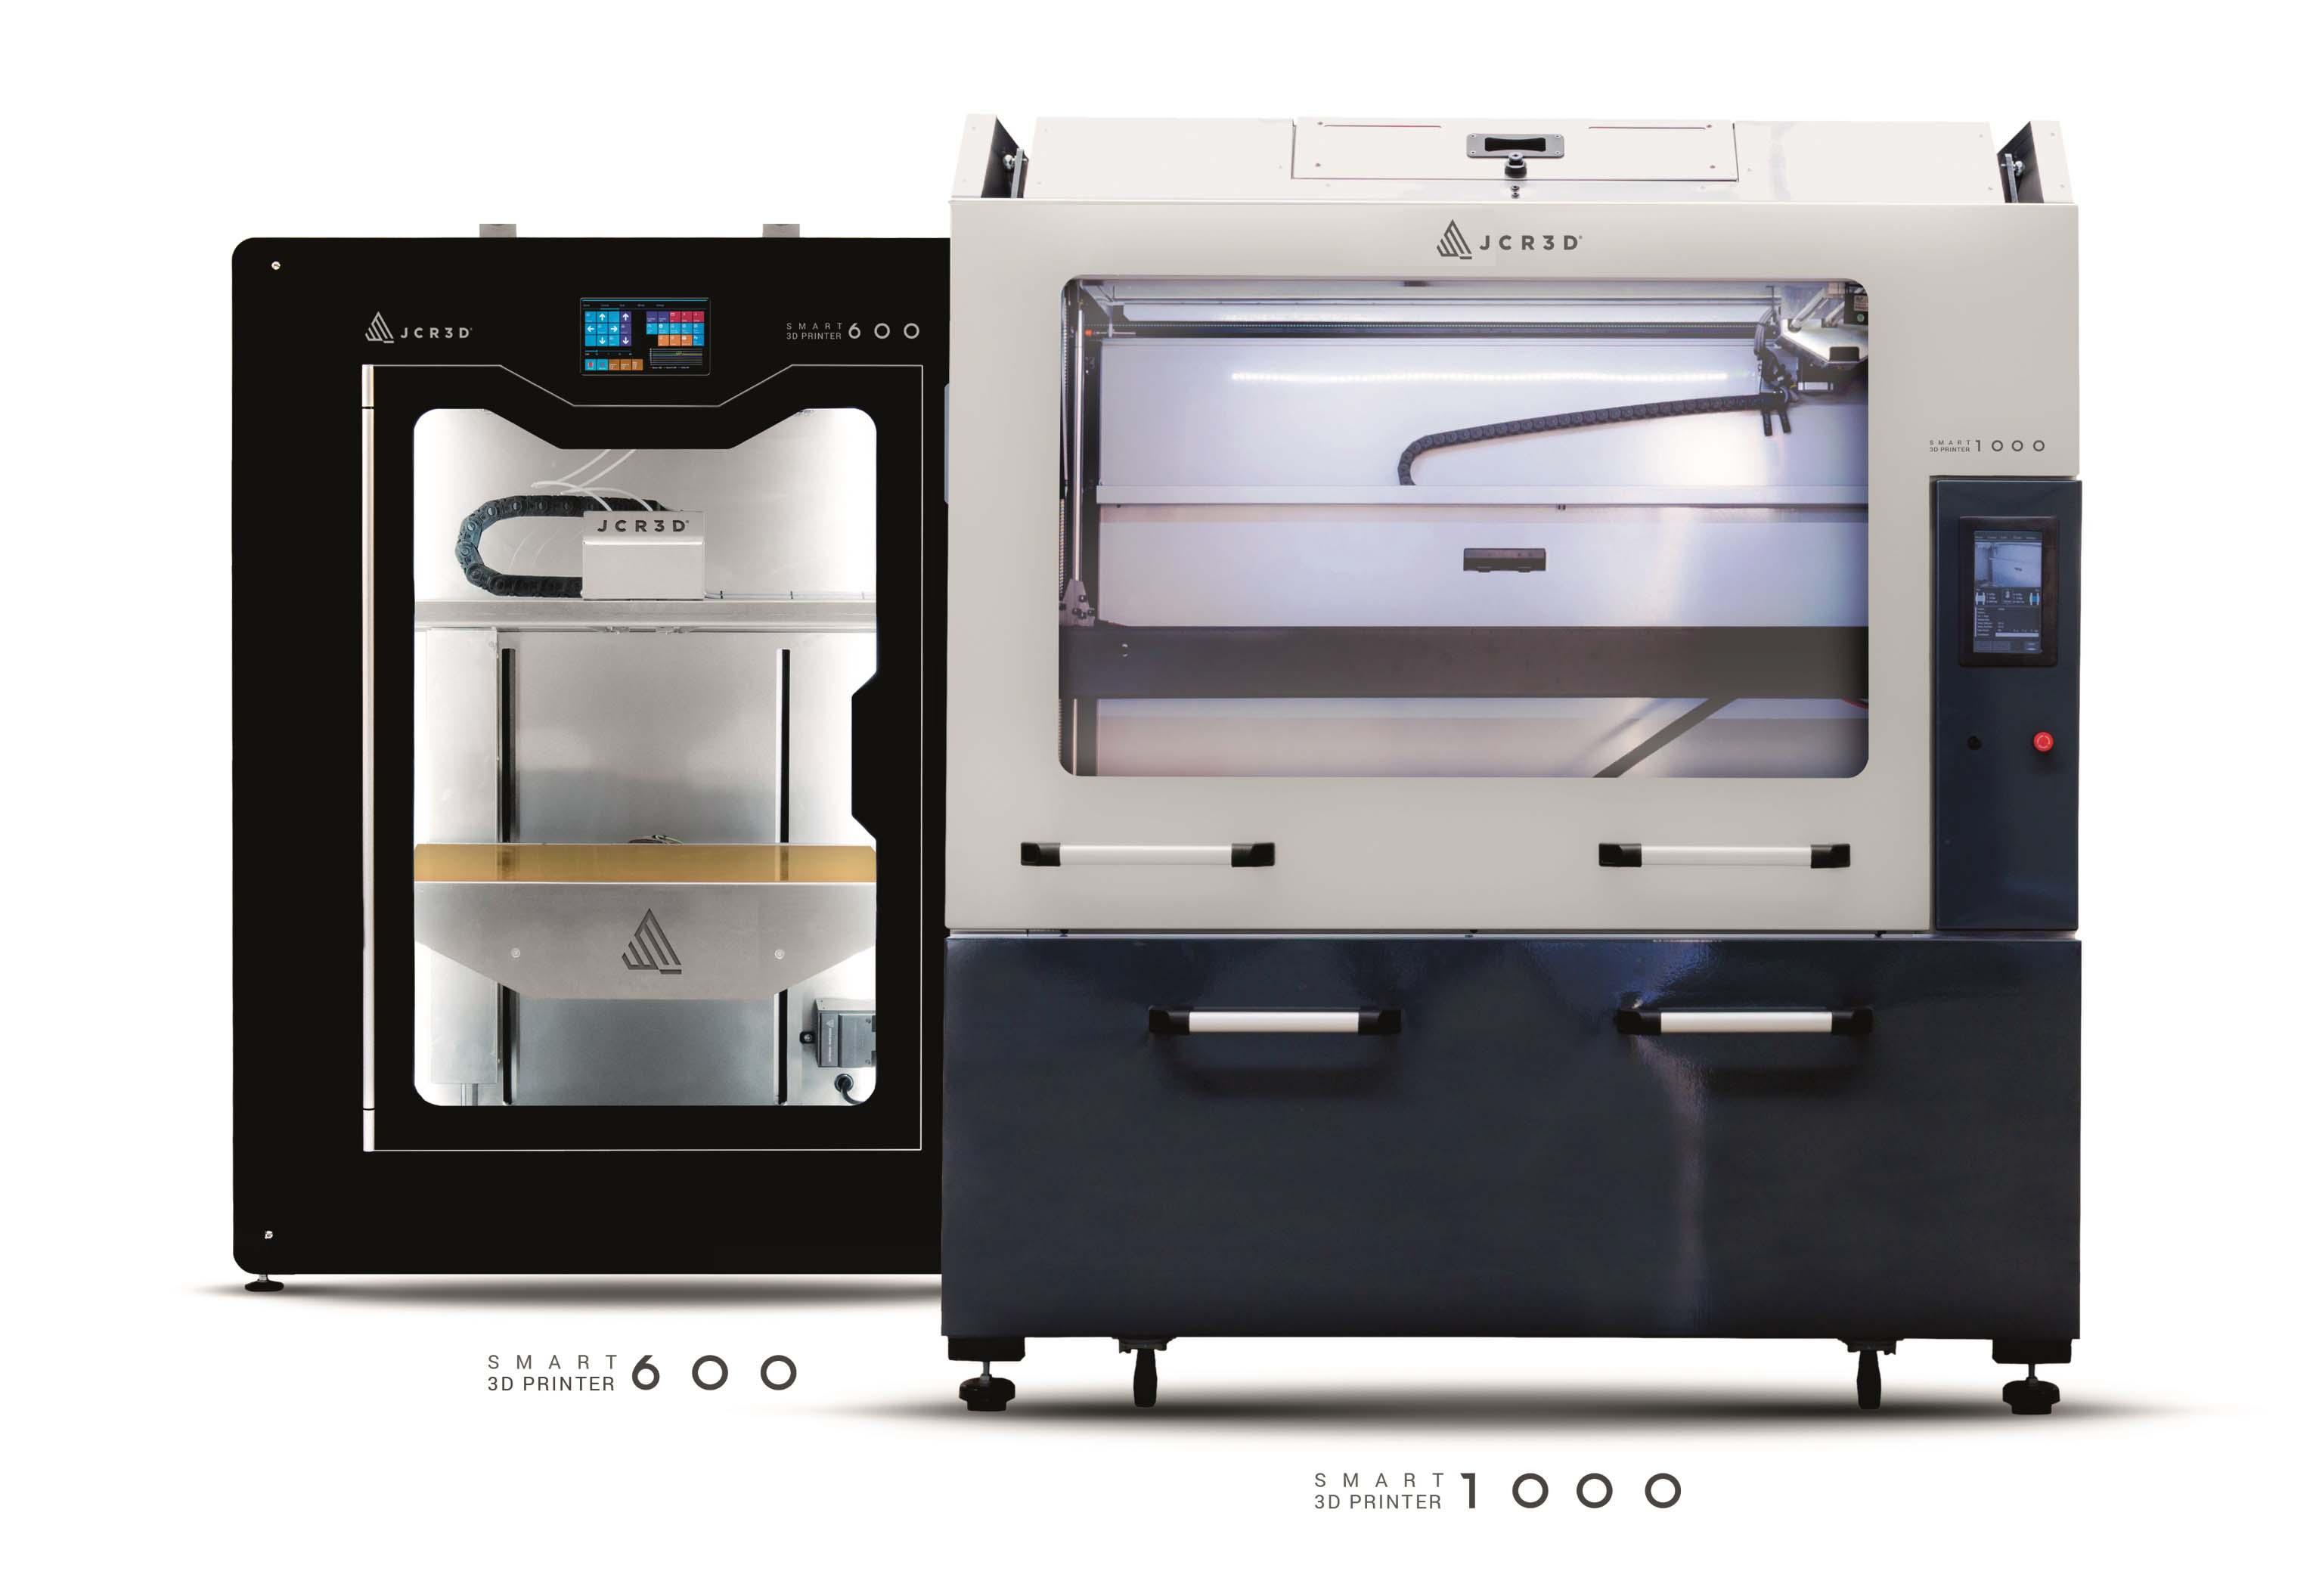 SICNOVA presenta en Formnext 2018 su nueva línea JCR3D de impresoras 3D inteligentes para la industria